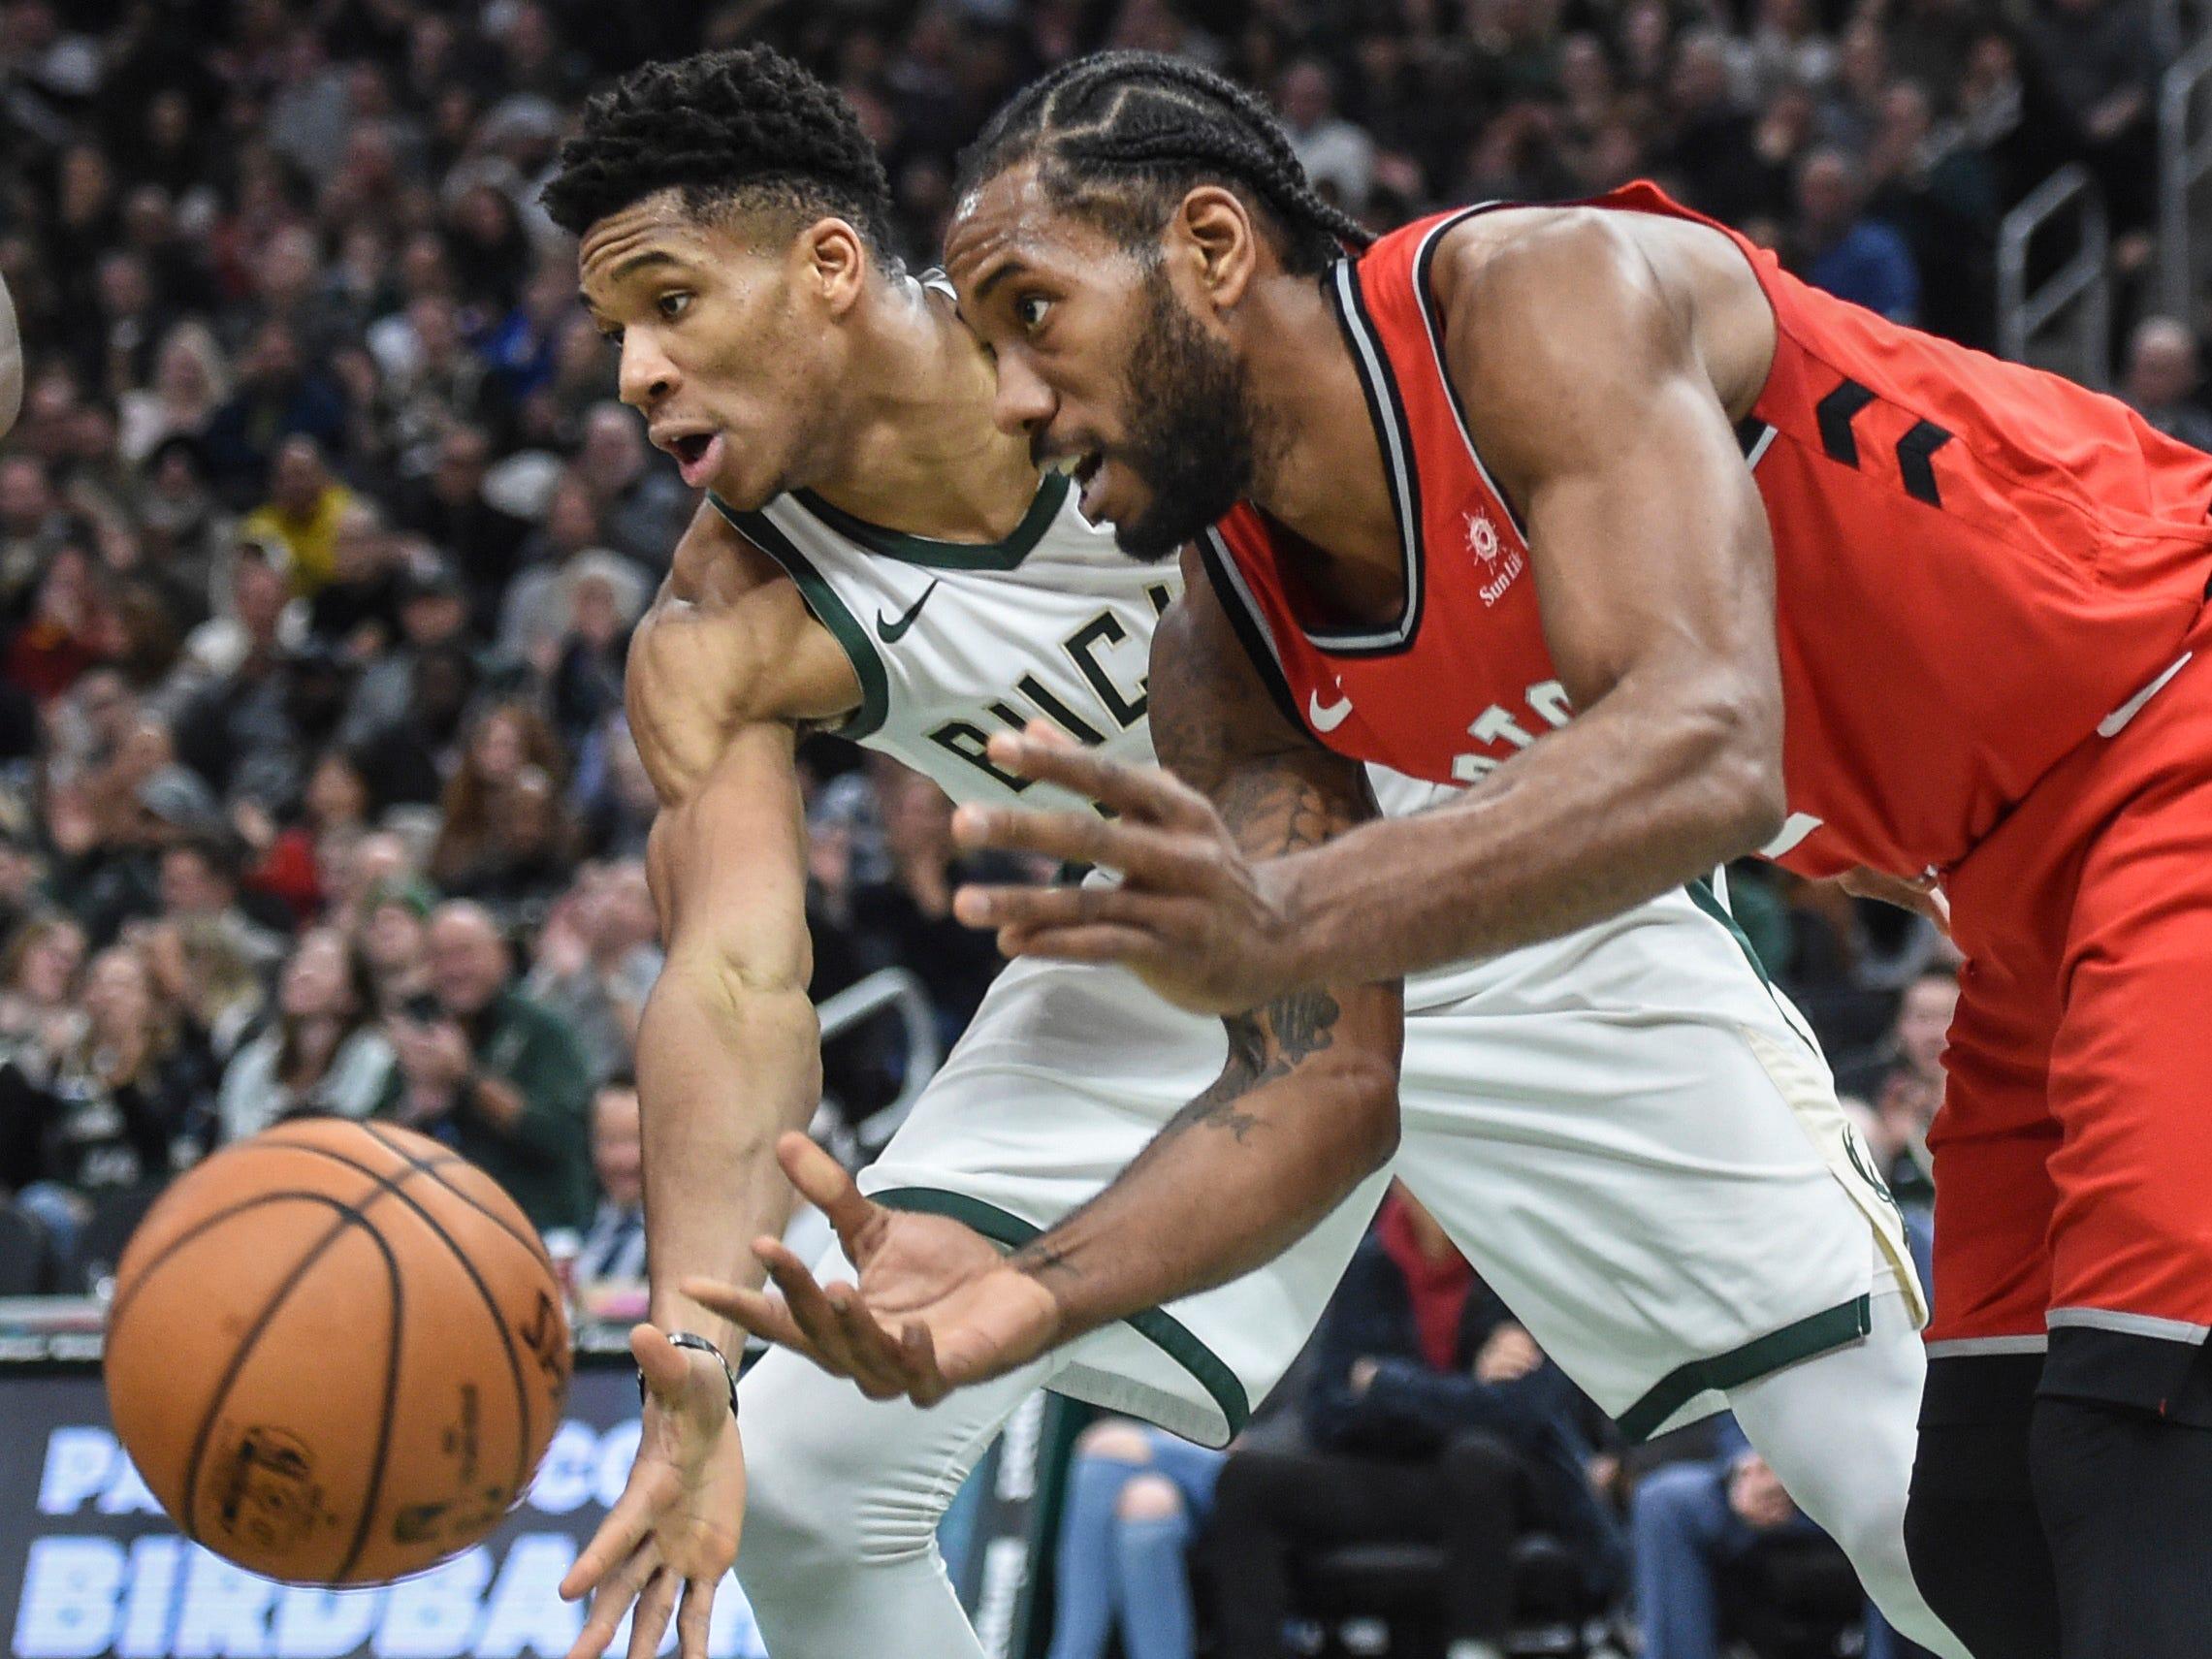 Jan. 5: Bucks defender Giannis Antetokounmpo, left, knocks the ball away from Raptors forward Kawhi Leonard during the second quarter in Milwaukee.